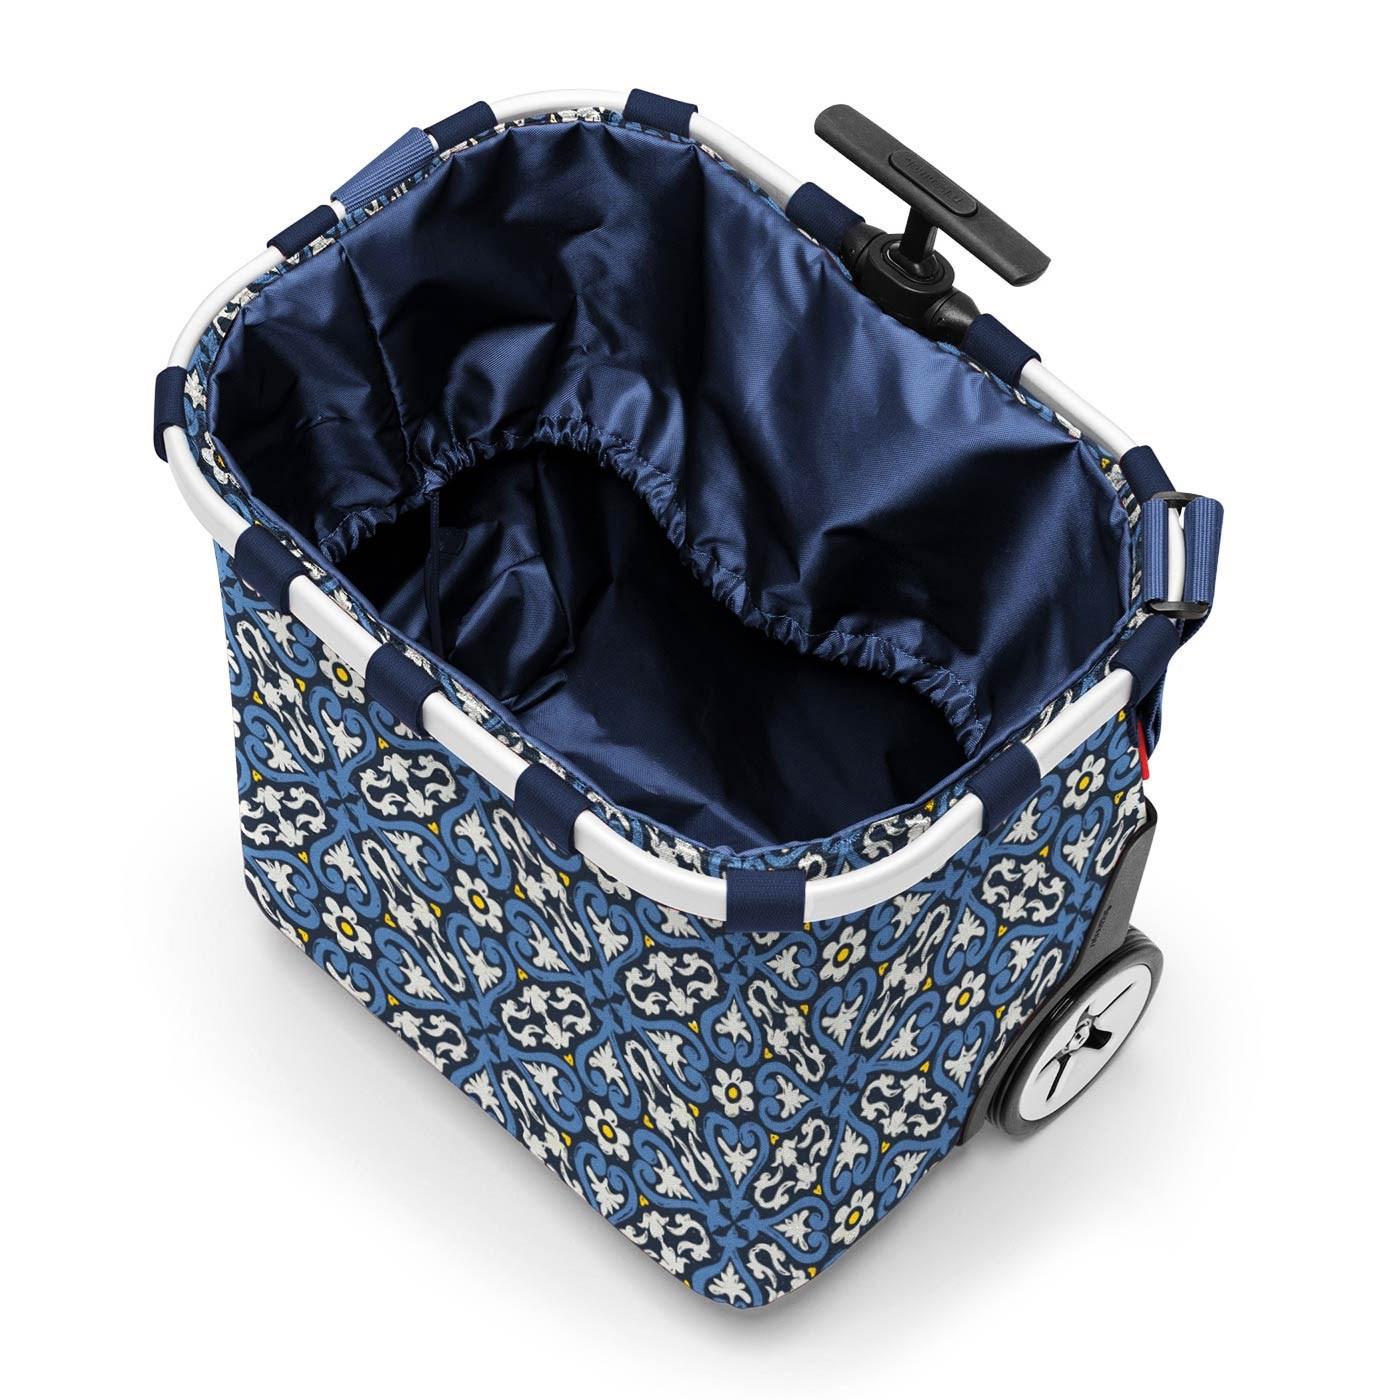 Taška na kolečkách Carrycruiser floral 1_1